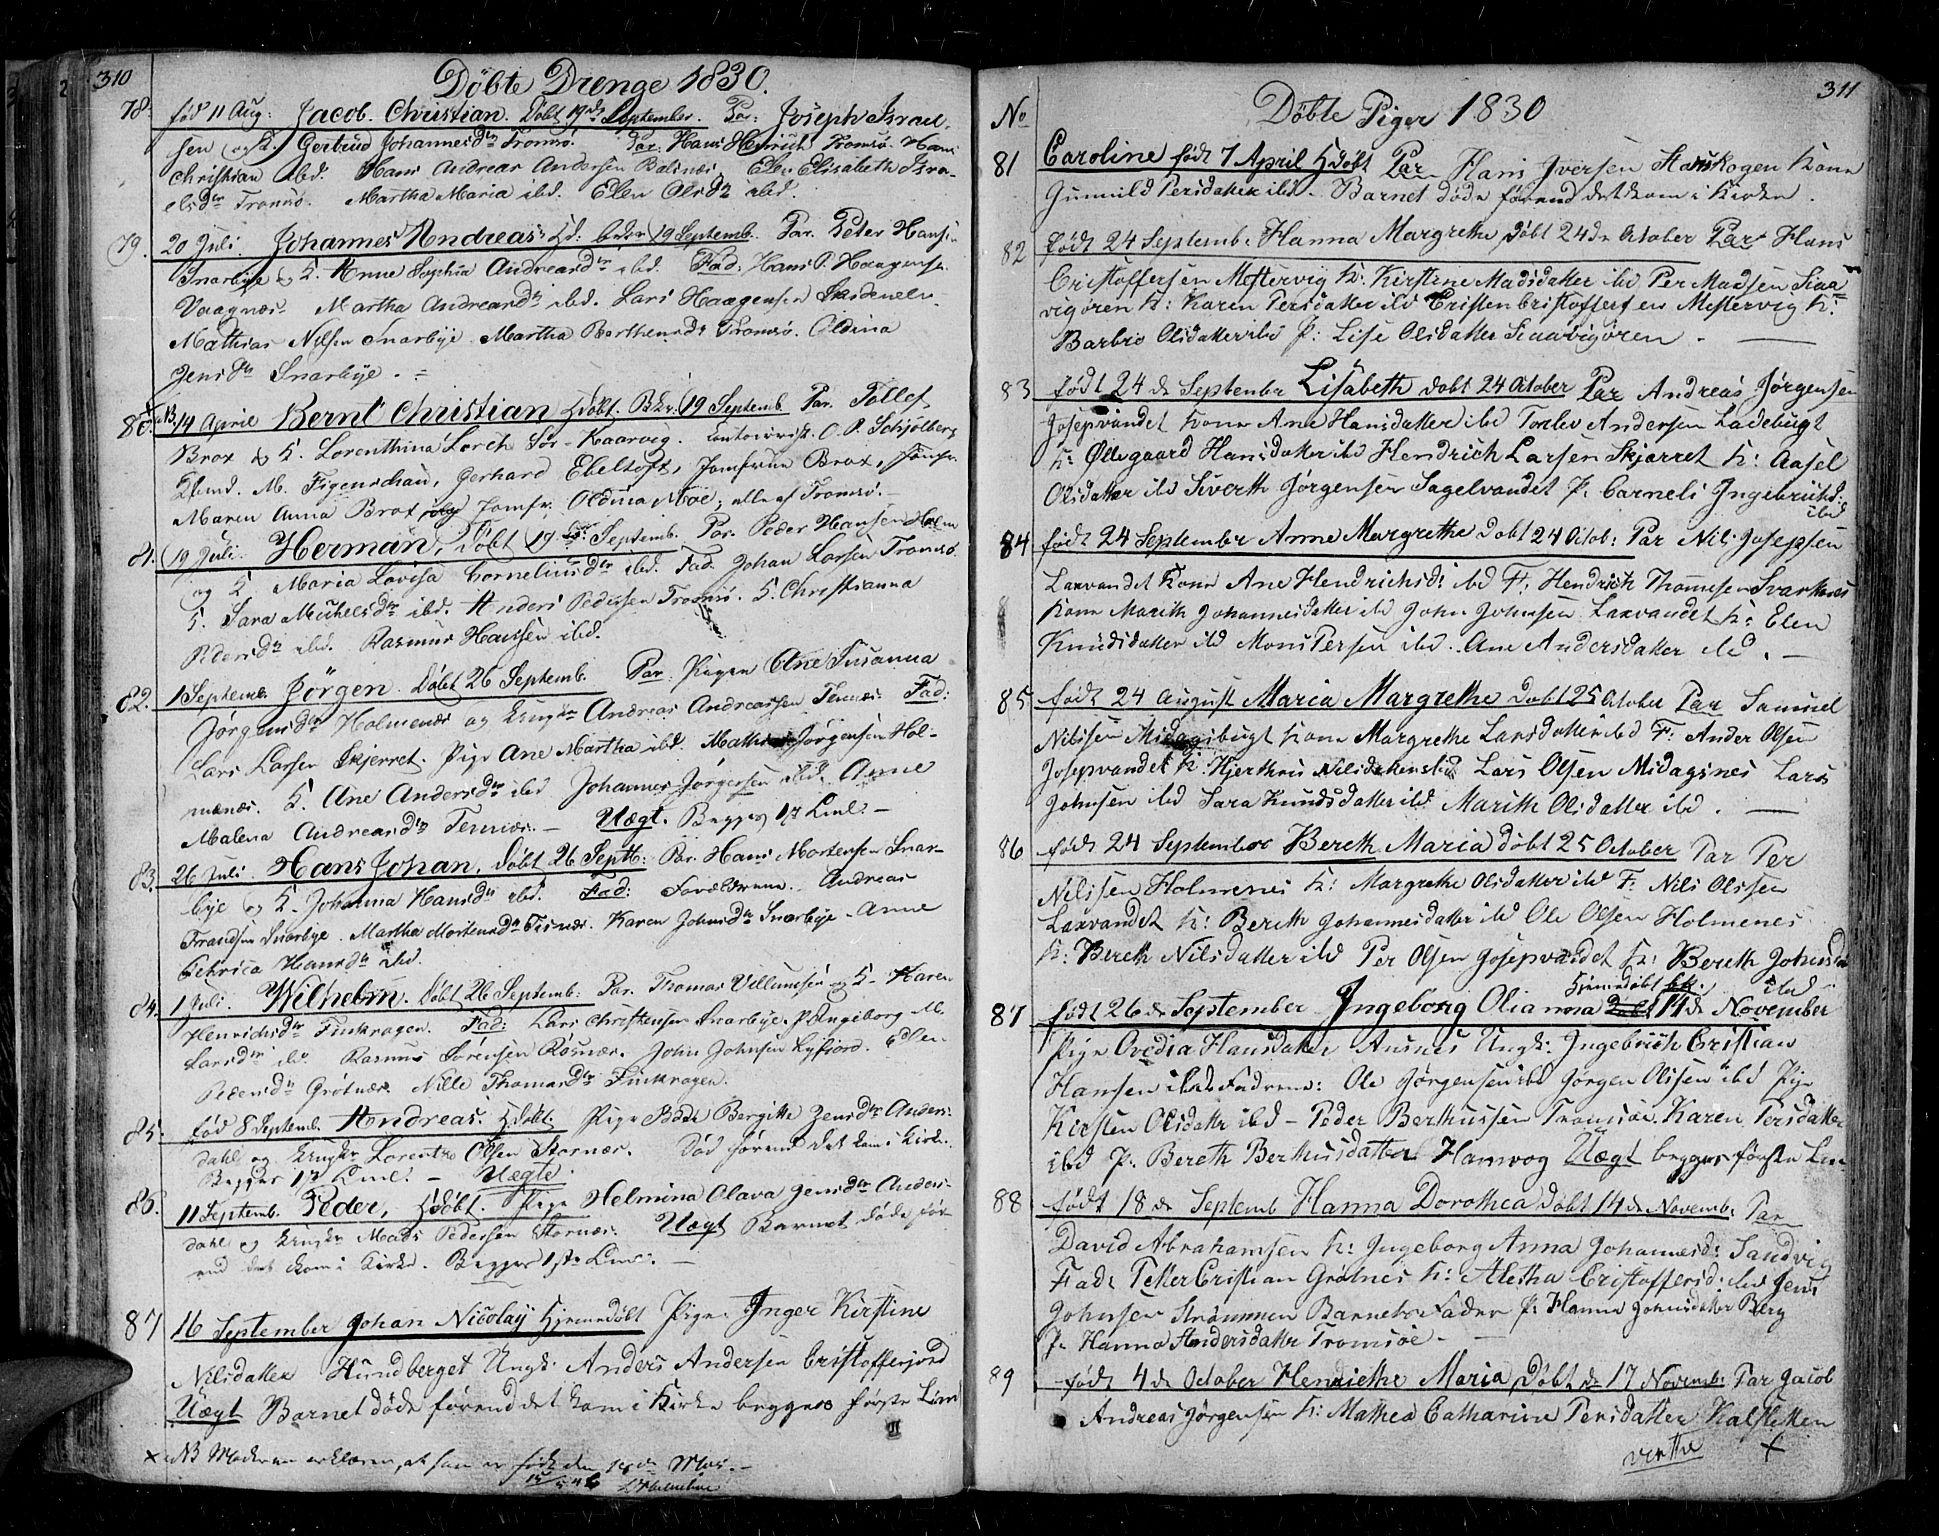 SATØ, Tromsø sokneprestkontor/stiftsprosti/domprosti, G/Ga/L0008kirke: Ministerialbok nr. 8, 1829-1837, s. 310-311